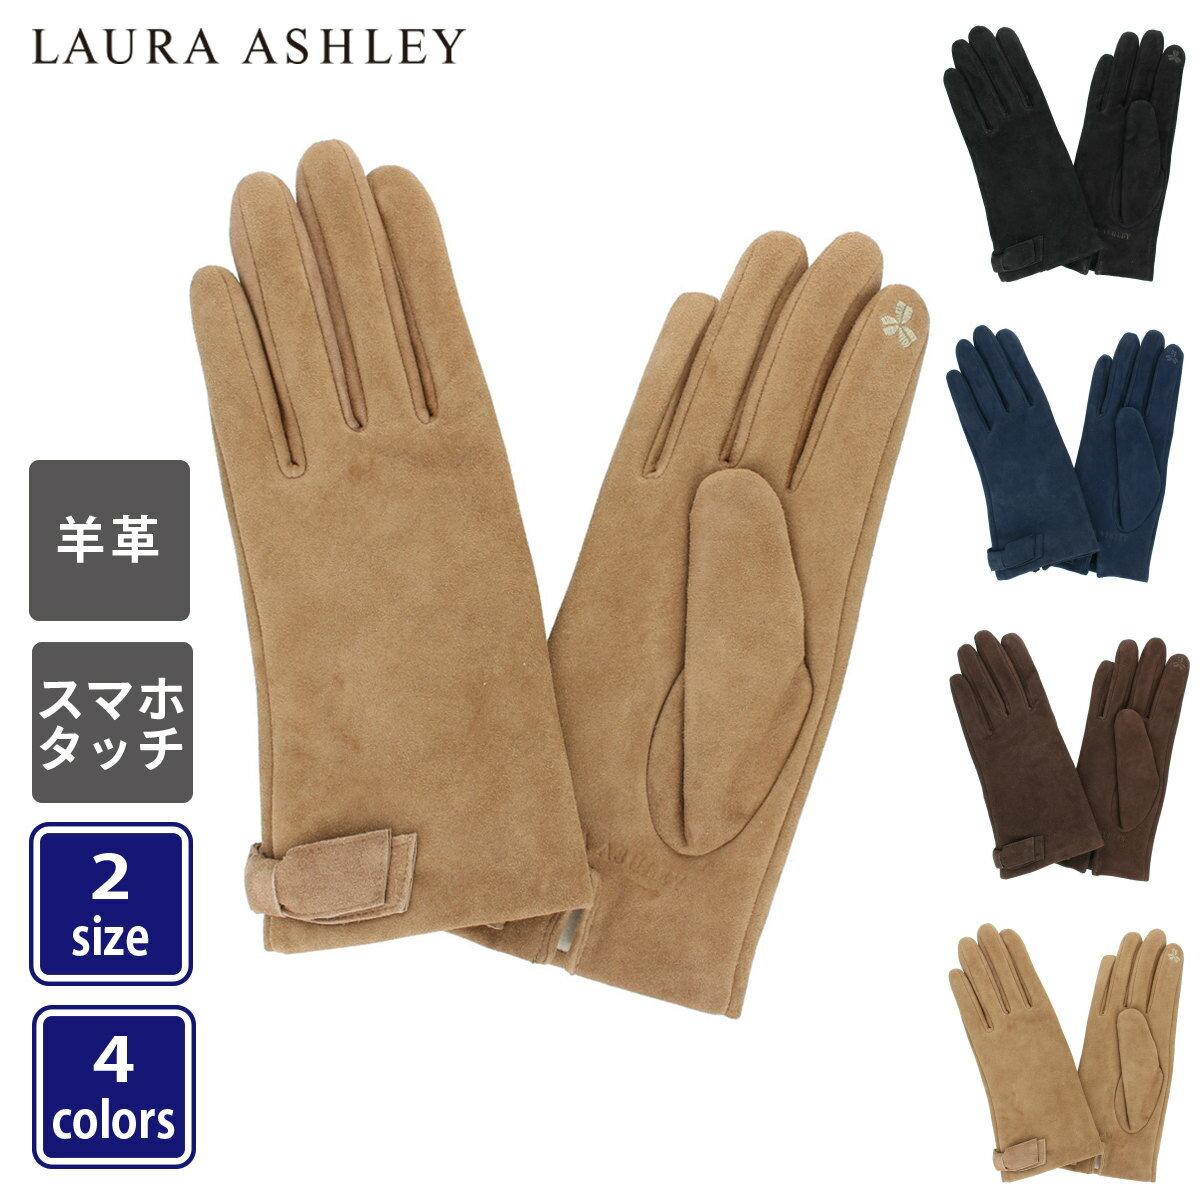 LAURA ASHLLEY ローラ アシュレイ レディース 女性用本革手袋   革手袋 てぶくろ ギフト プレゼント スエード ポリエステル裏地付 スマホ タッチパネル対応 Mサイズ Lサイズ 全4色